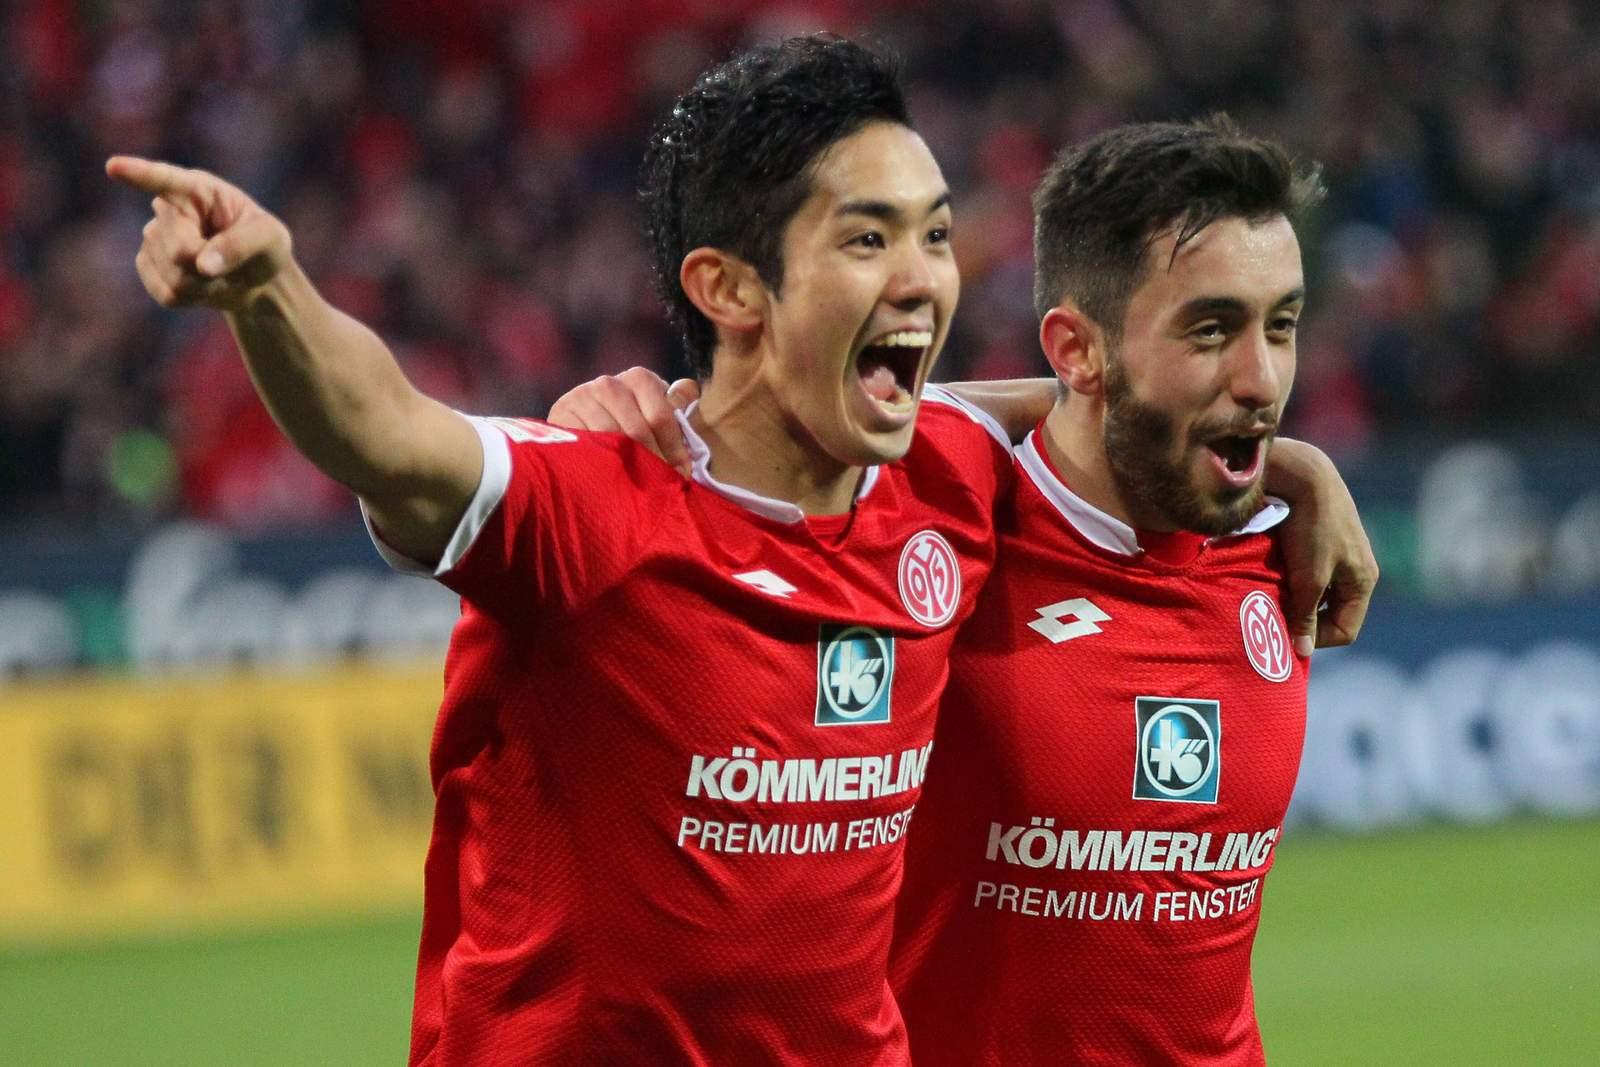 Yoshinori Muto und Yunus Malli beim Torjubel. Jetzt auf Werder Bremen gegen Mainz wetten!